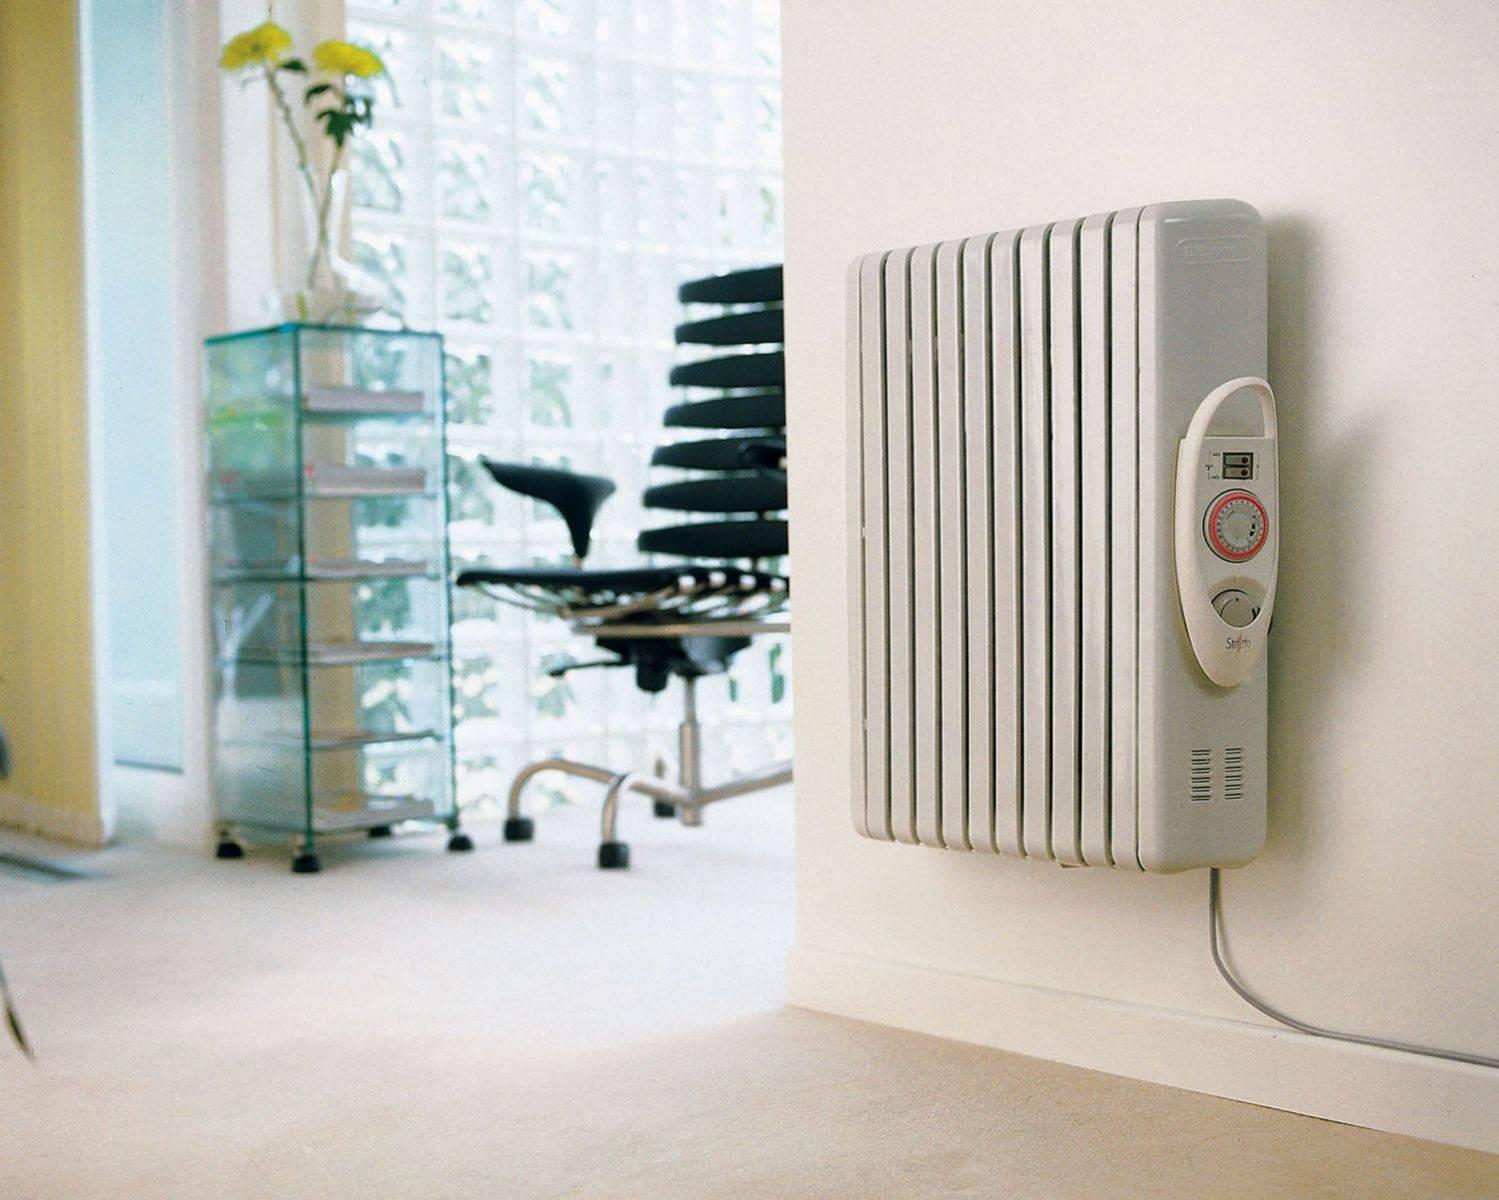 Электрические обогреватели – виды, достоинства, недостатки